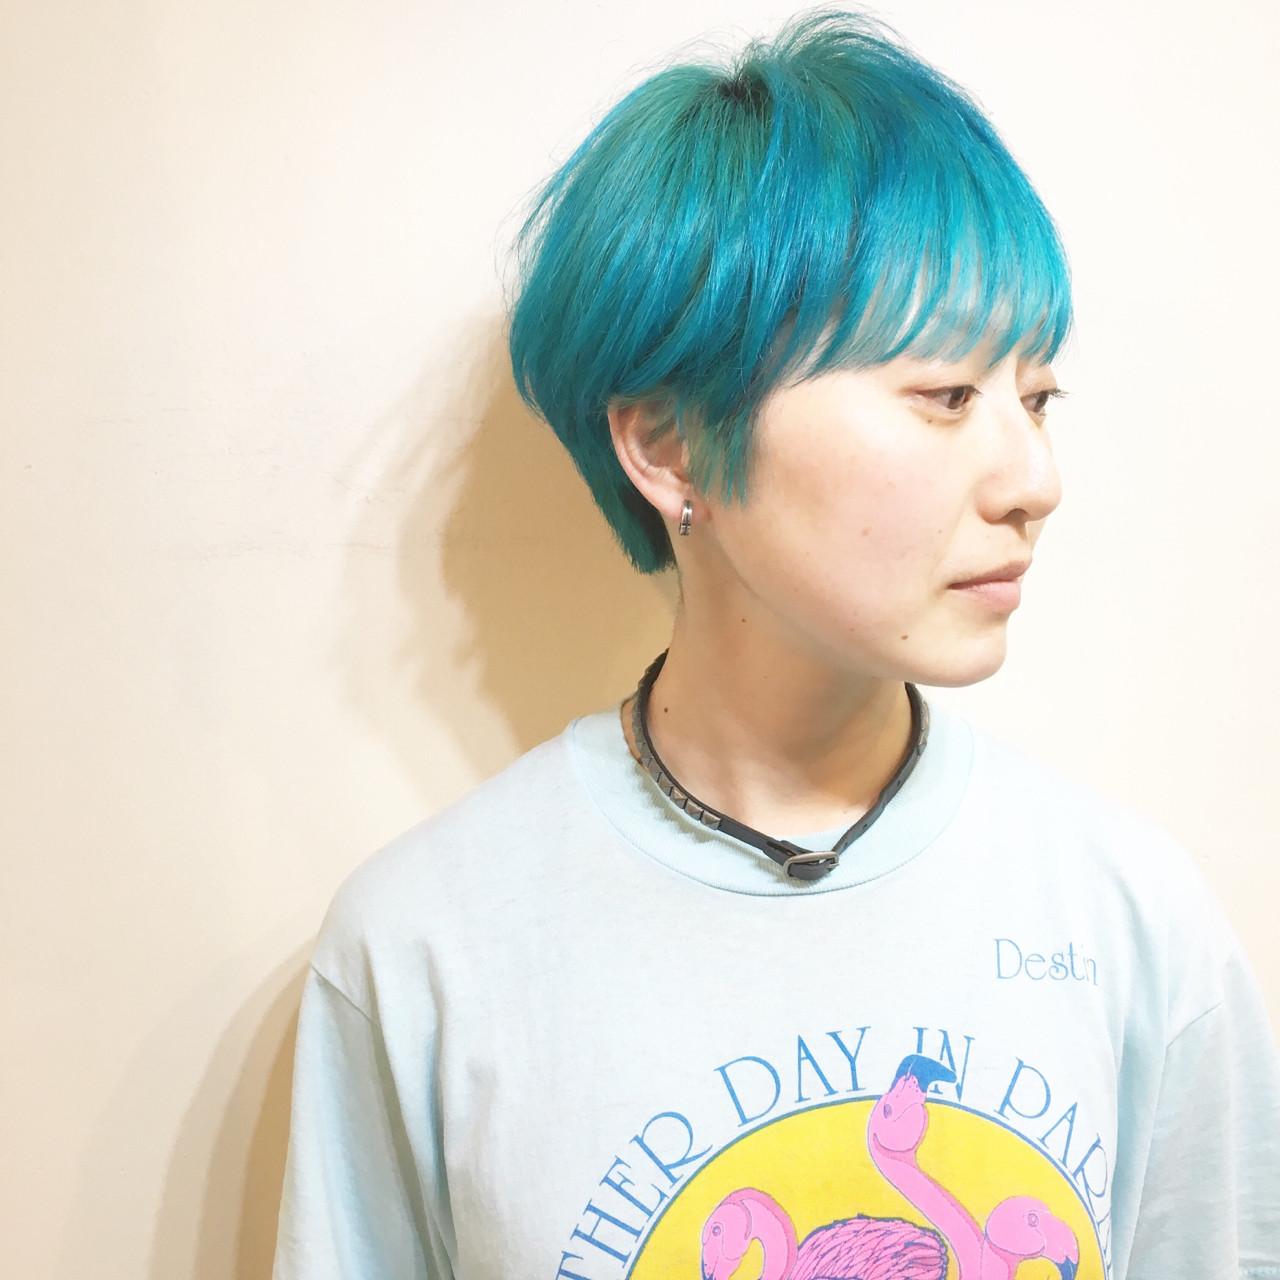 マニッシュショート × ターコイズブルー ハイ透明感カラー☆